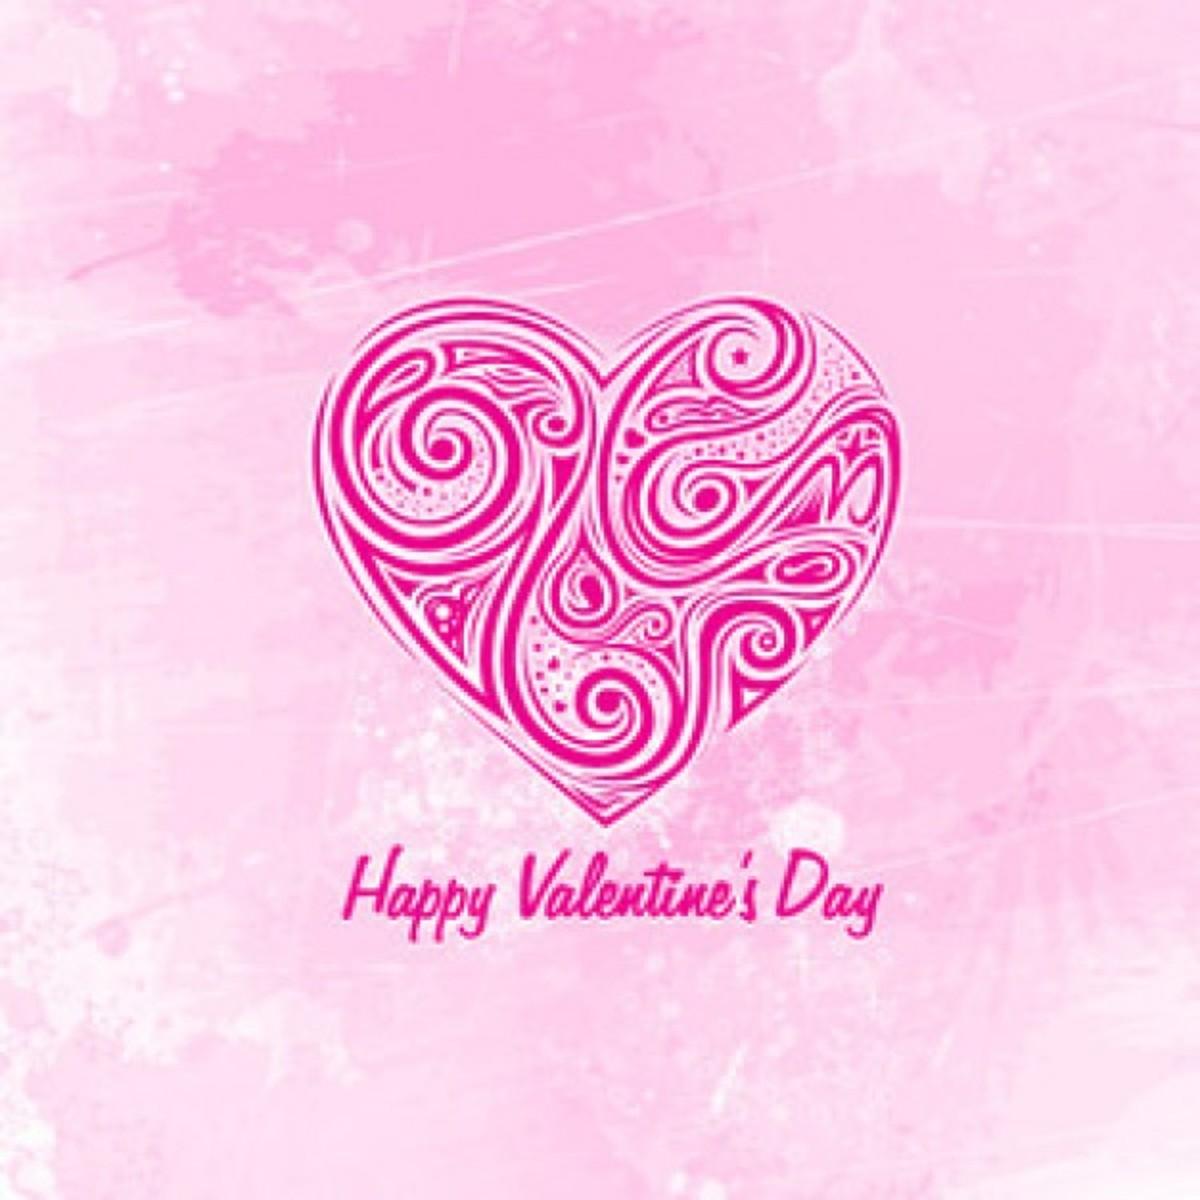 Pink Happy Valentine's Day Graphic